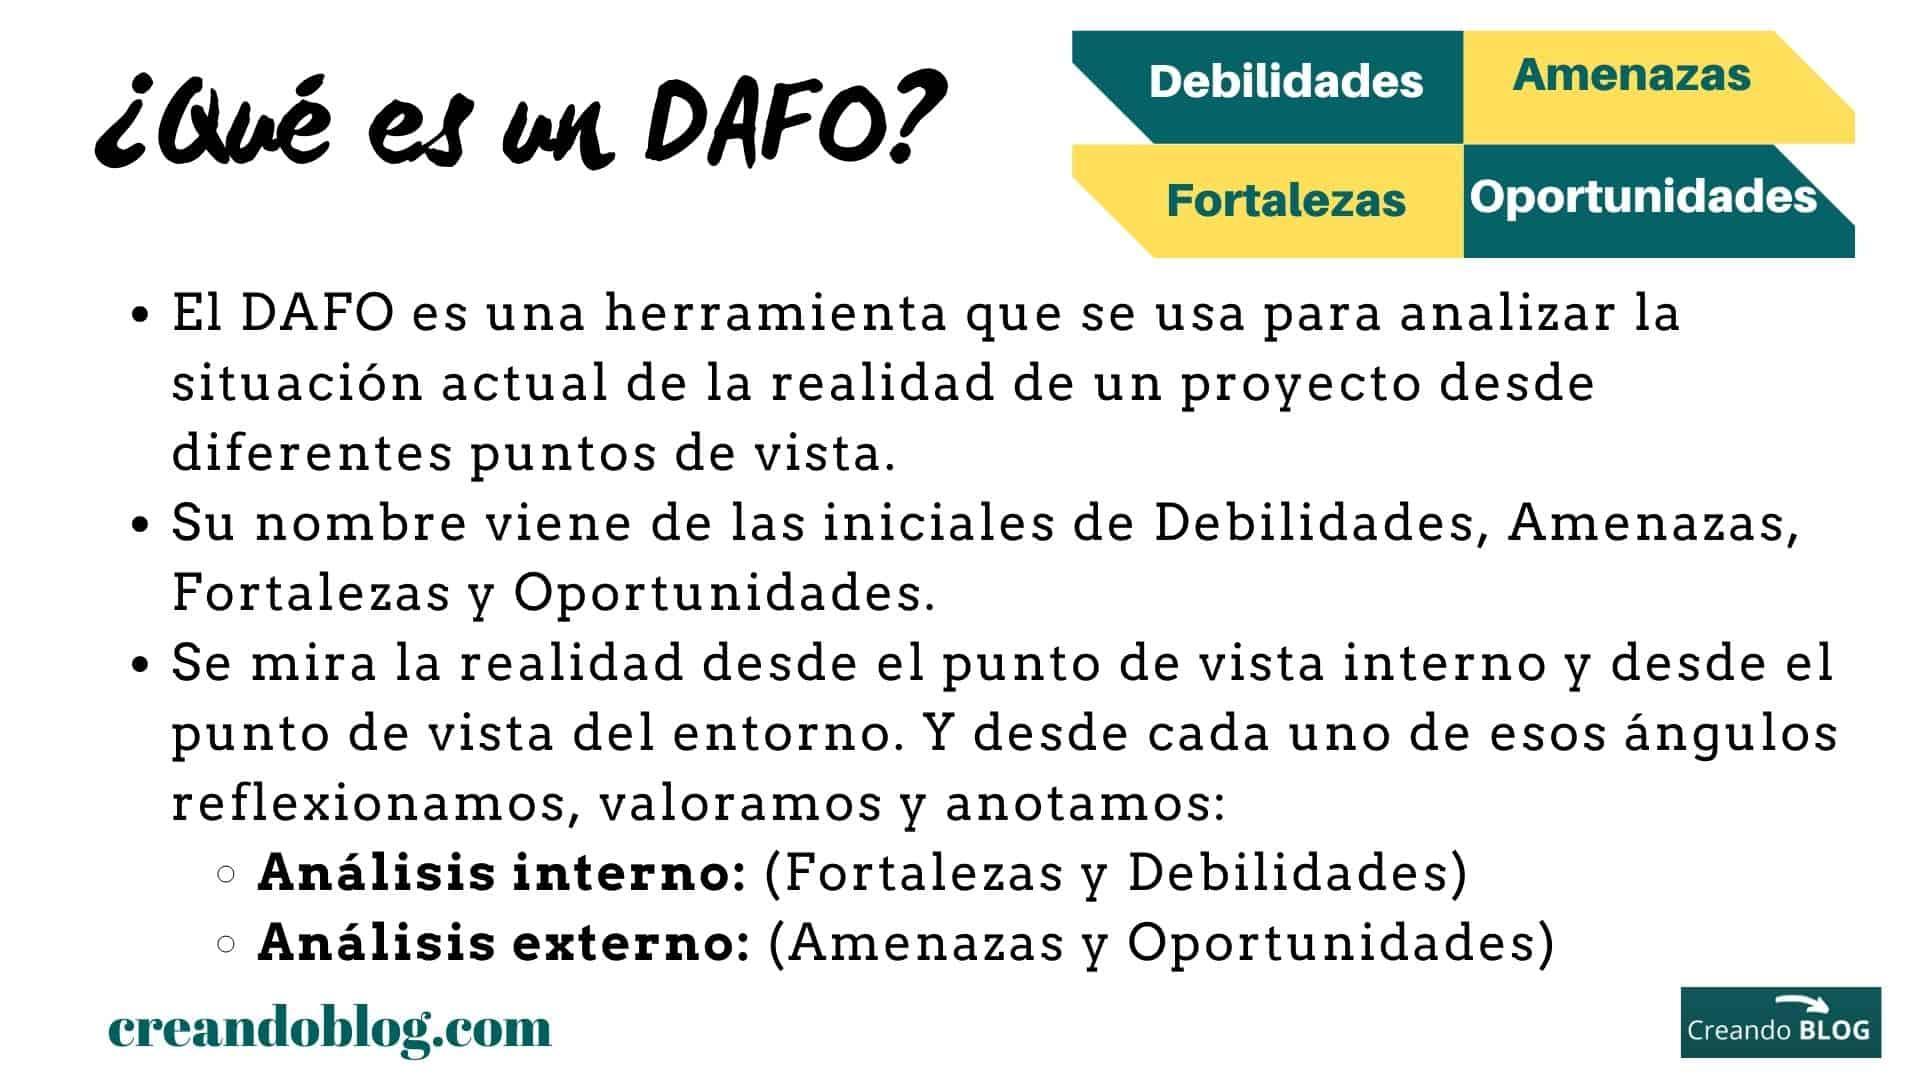 DAFO creando blog 1